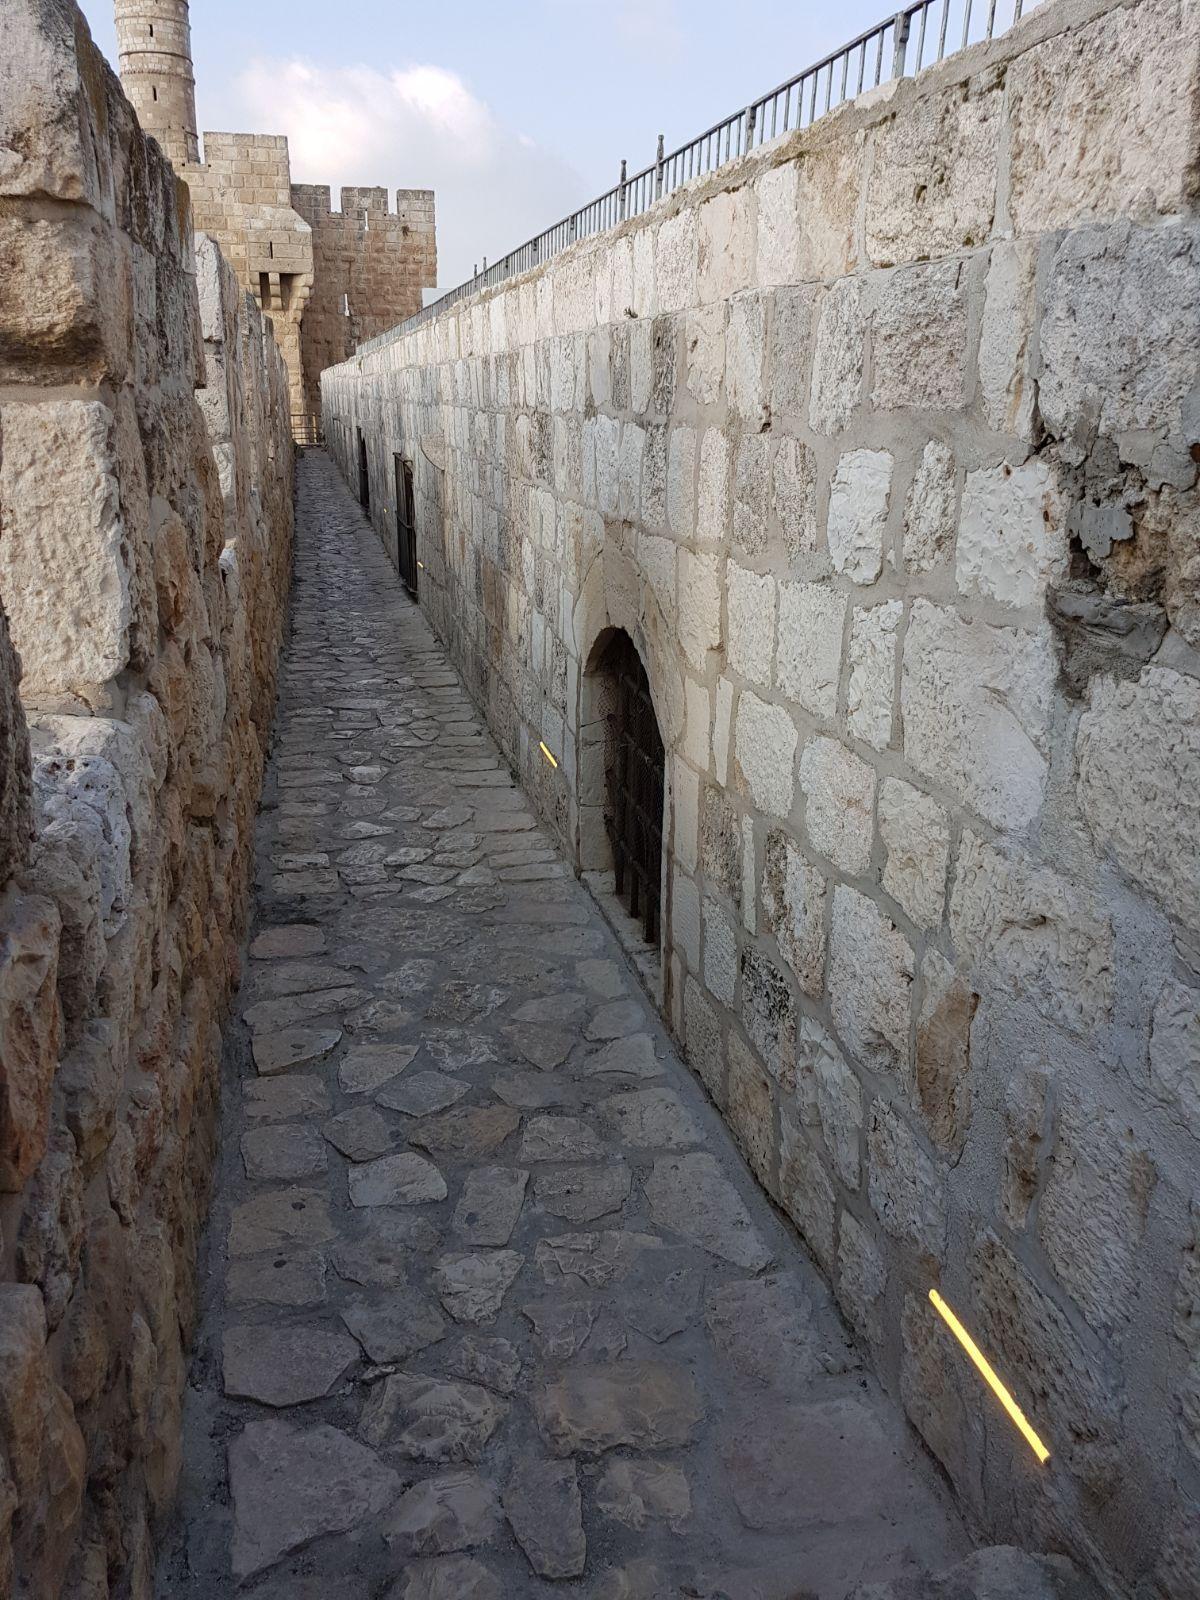 שיקום טיילת חומות העיר העתיקה, ירושלים תמונה מספר 29